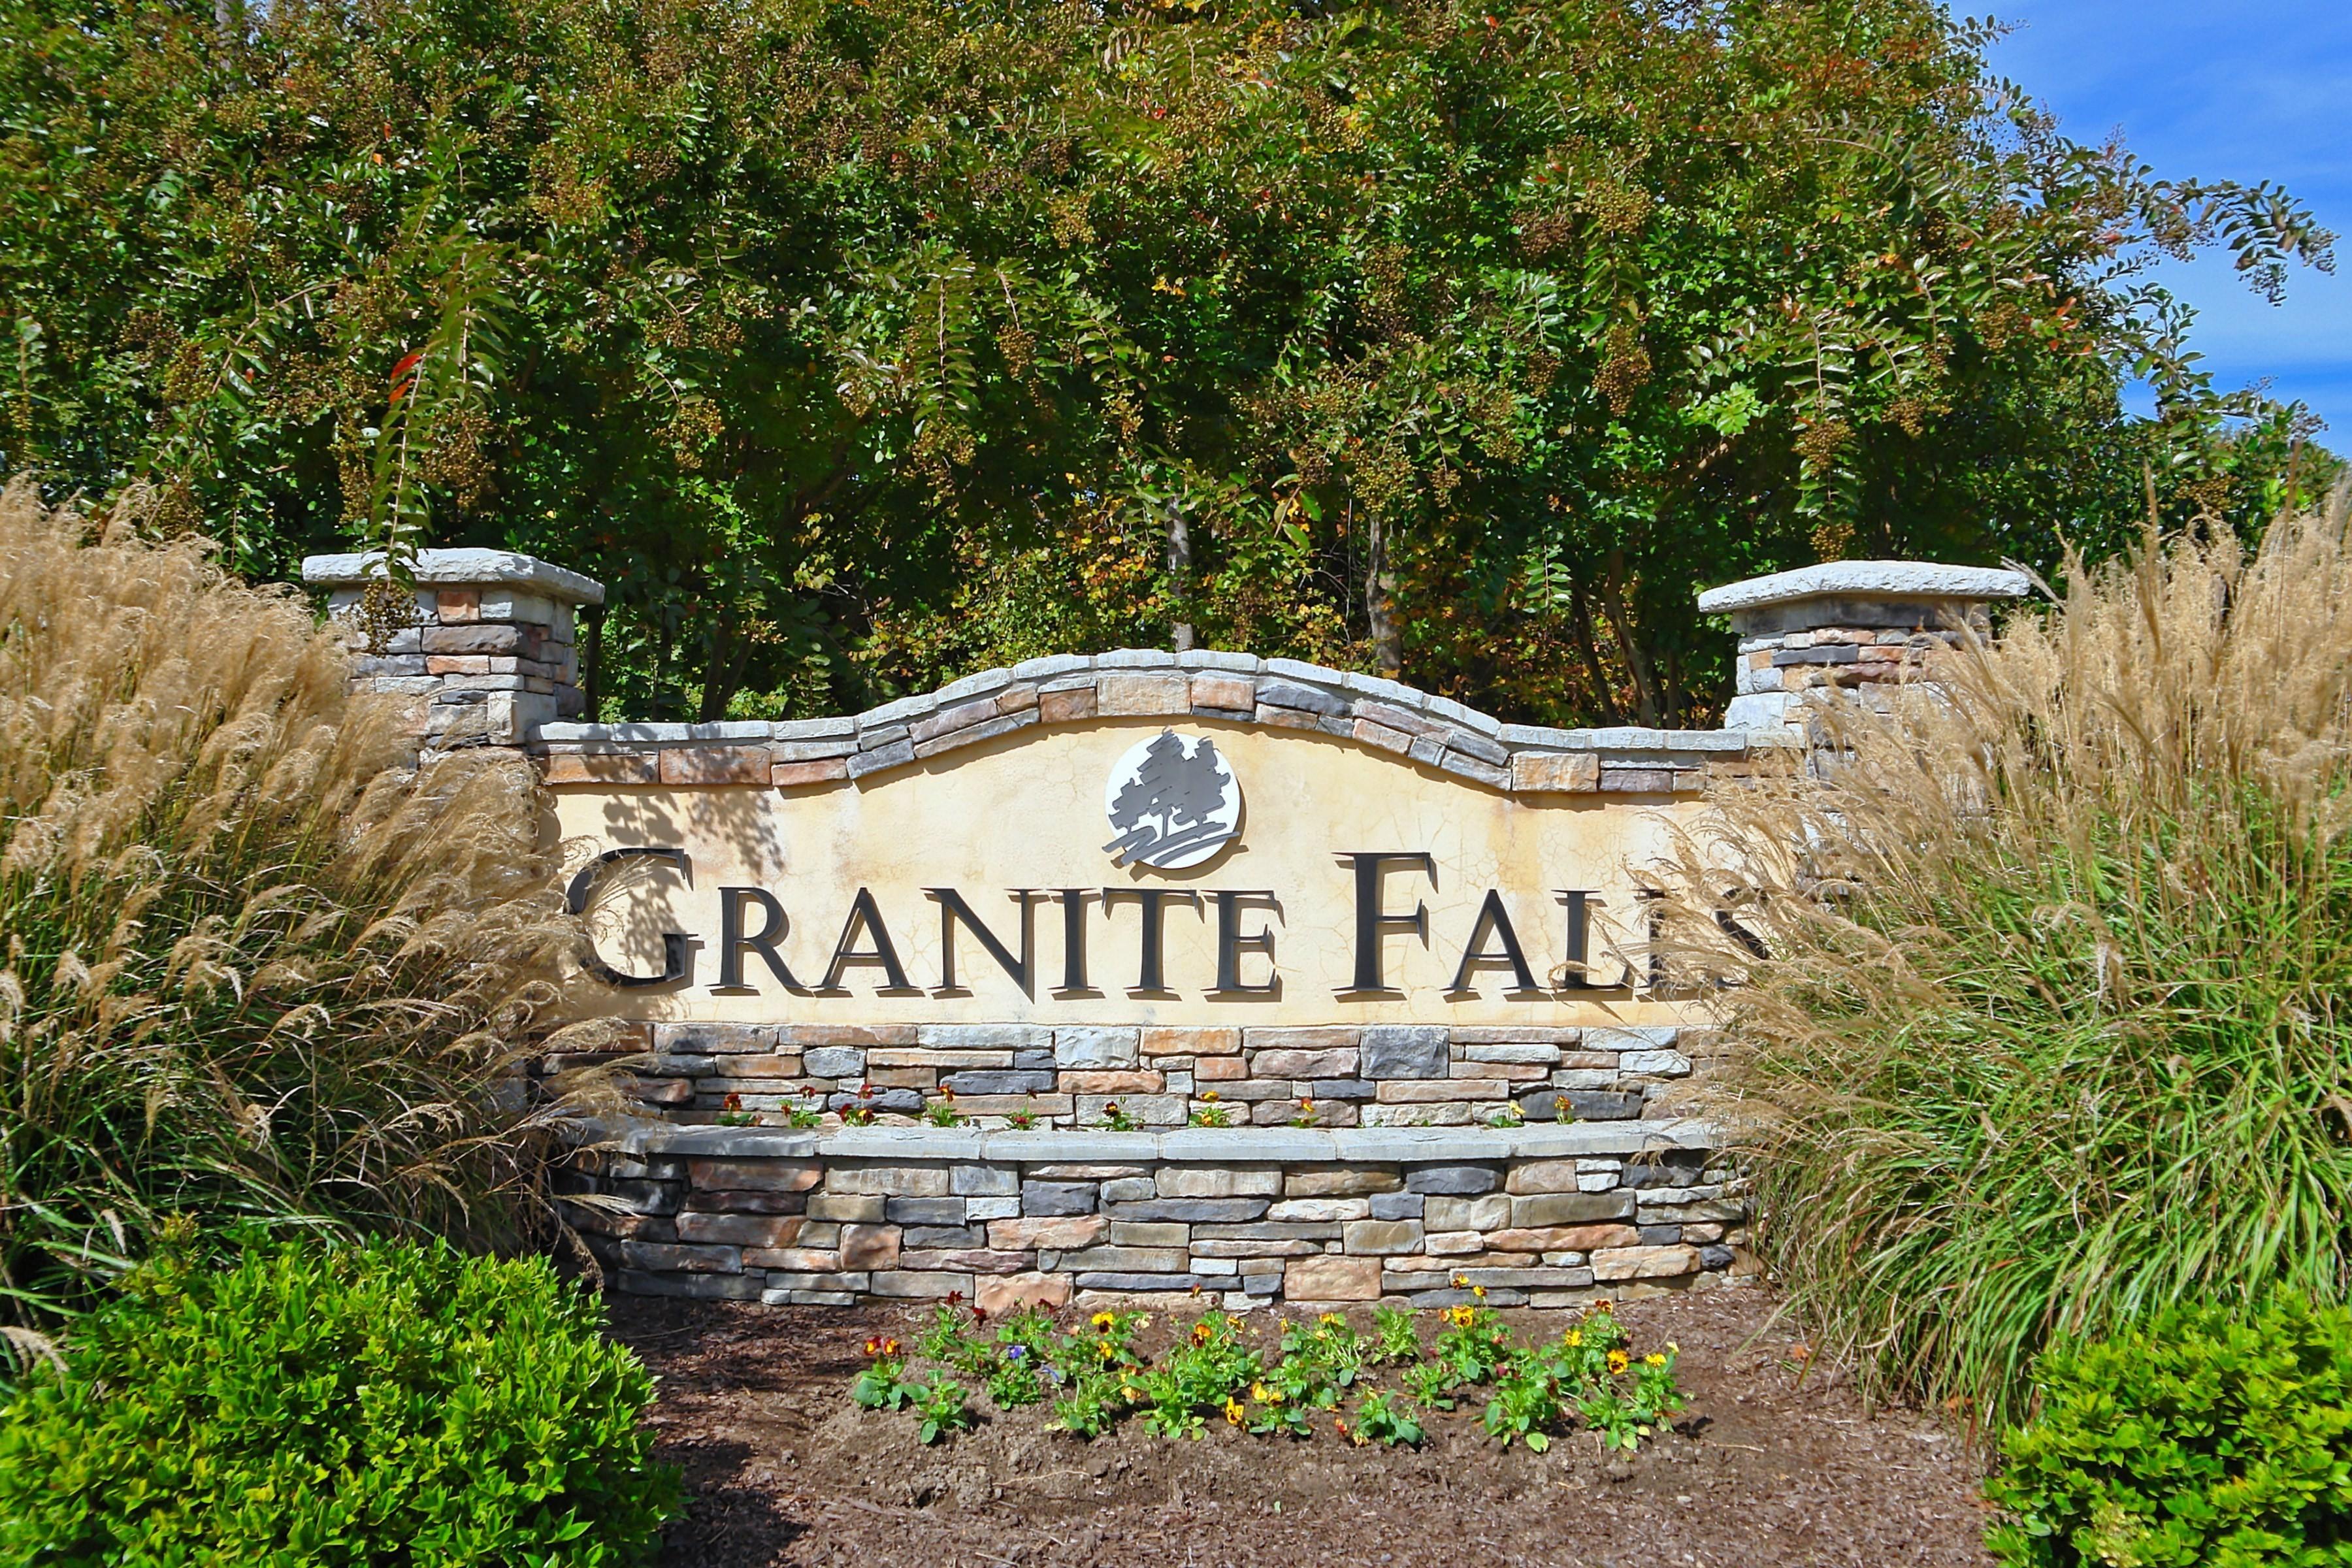 Granite Falls